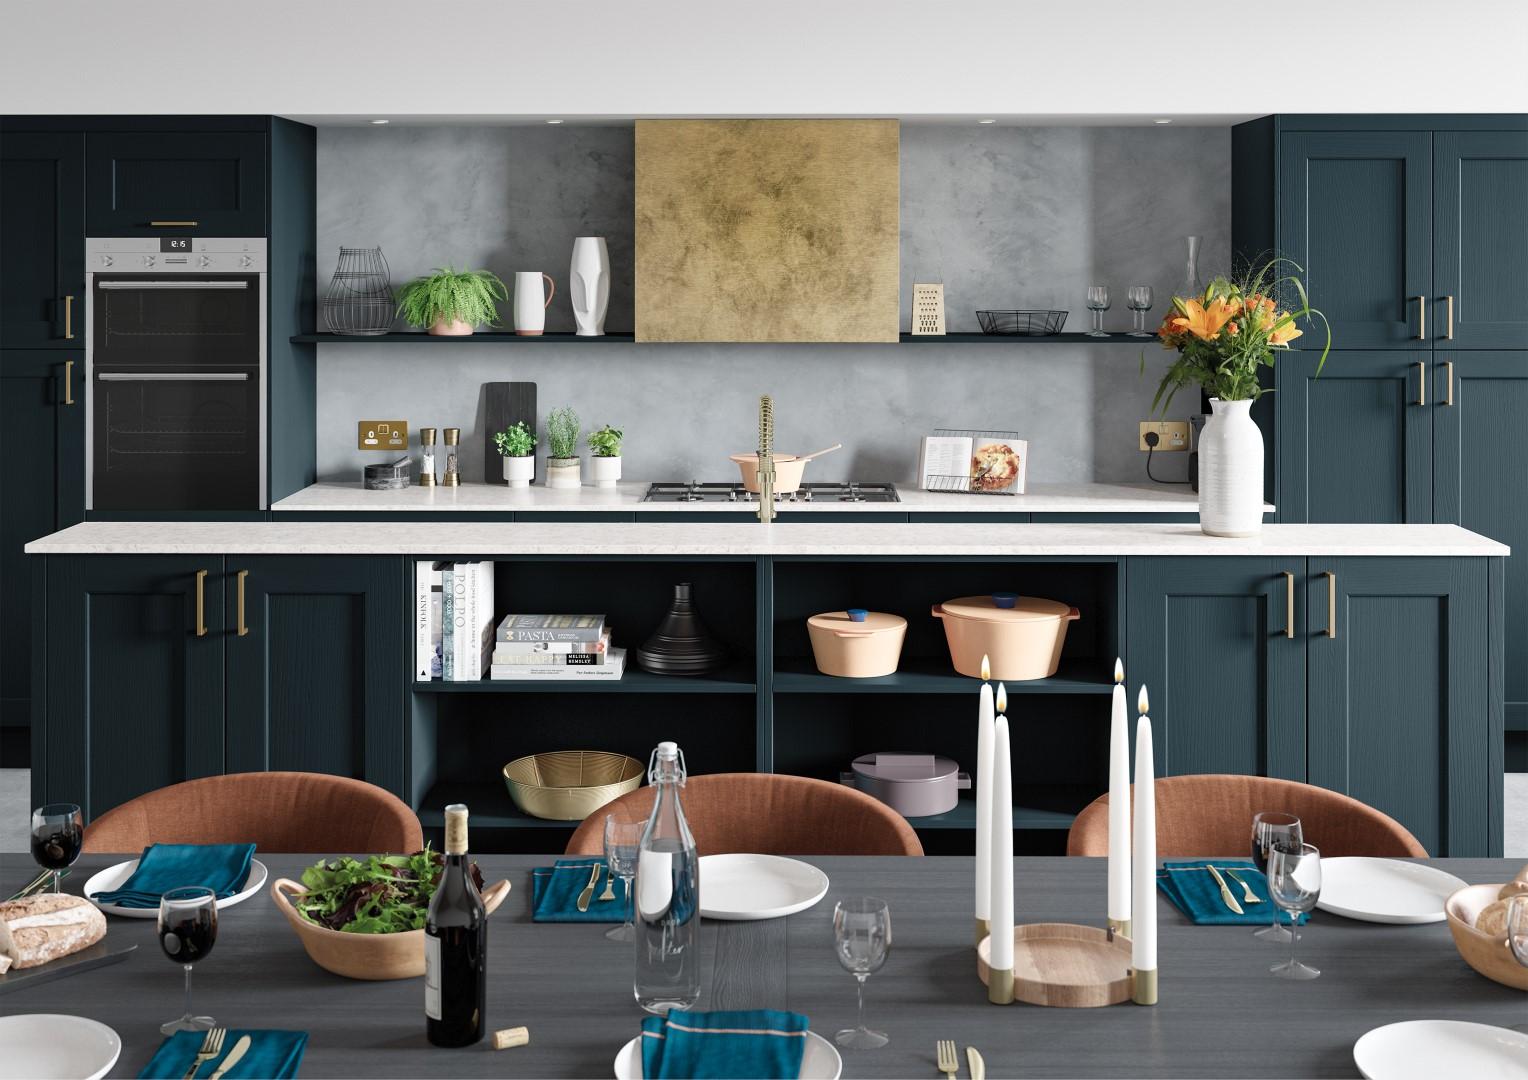 Wakefield Marine - Kitchen Design - Alan Kelly Kitchens - Waterford - 2